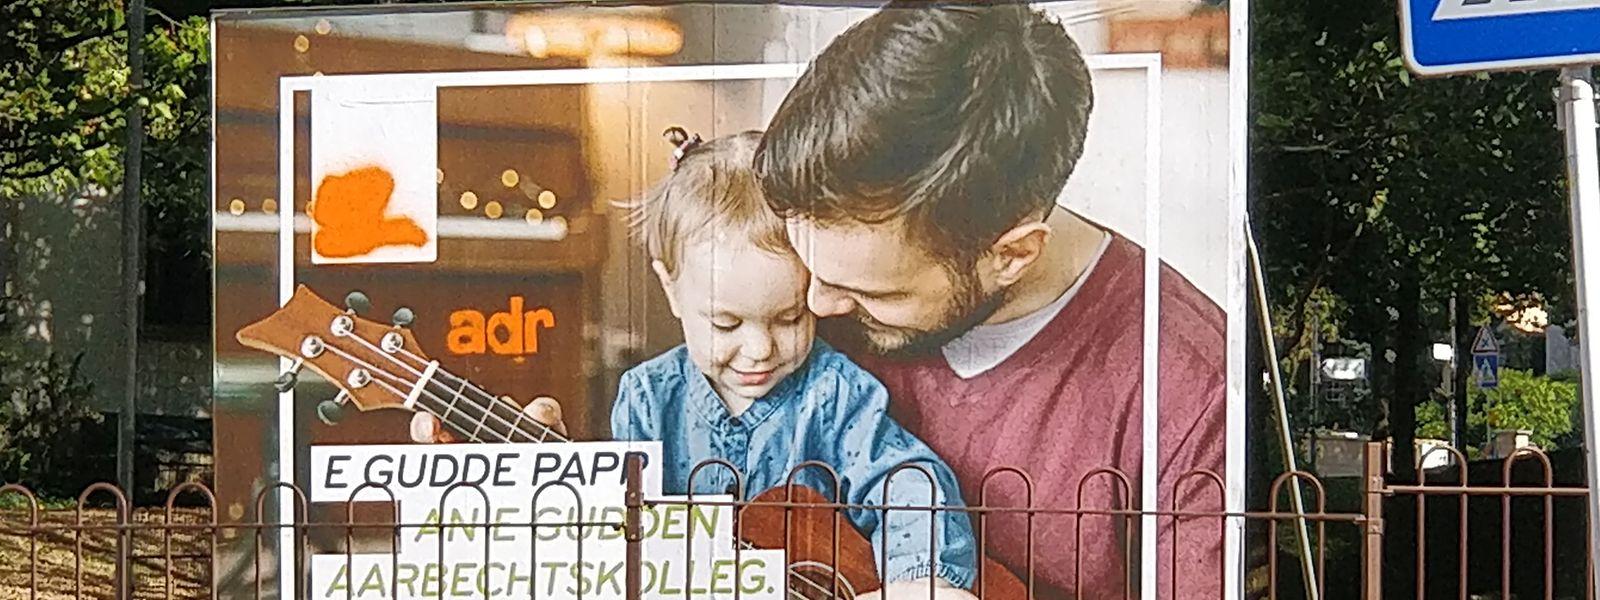 Um brincalhão converteu um poster de campanha do DP em propaganda do ADR.